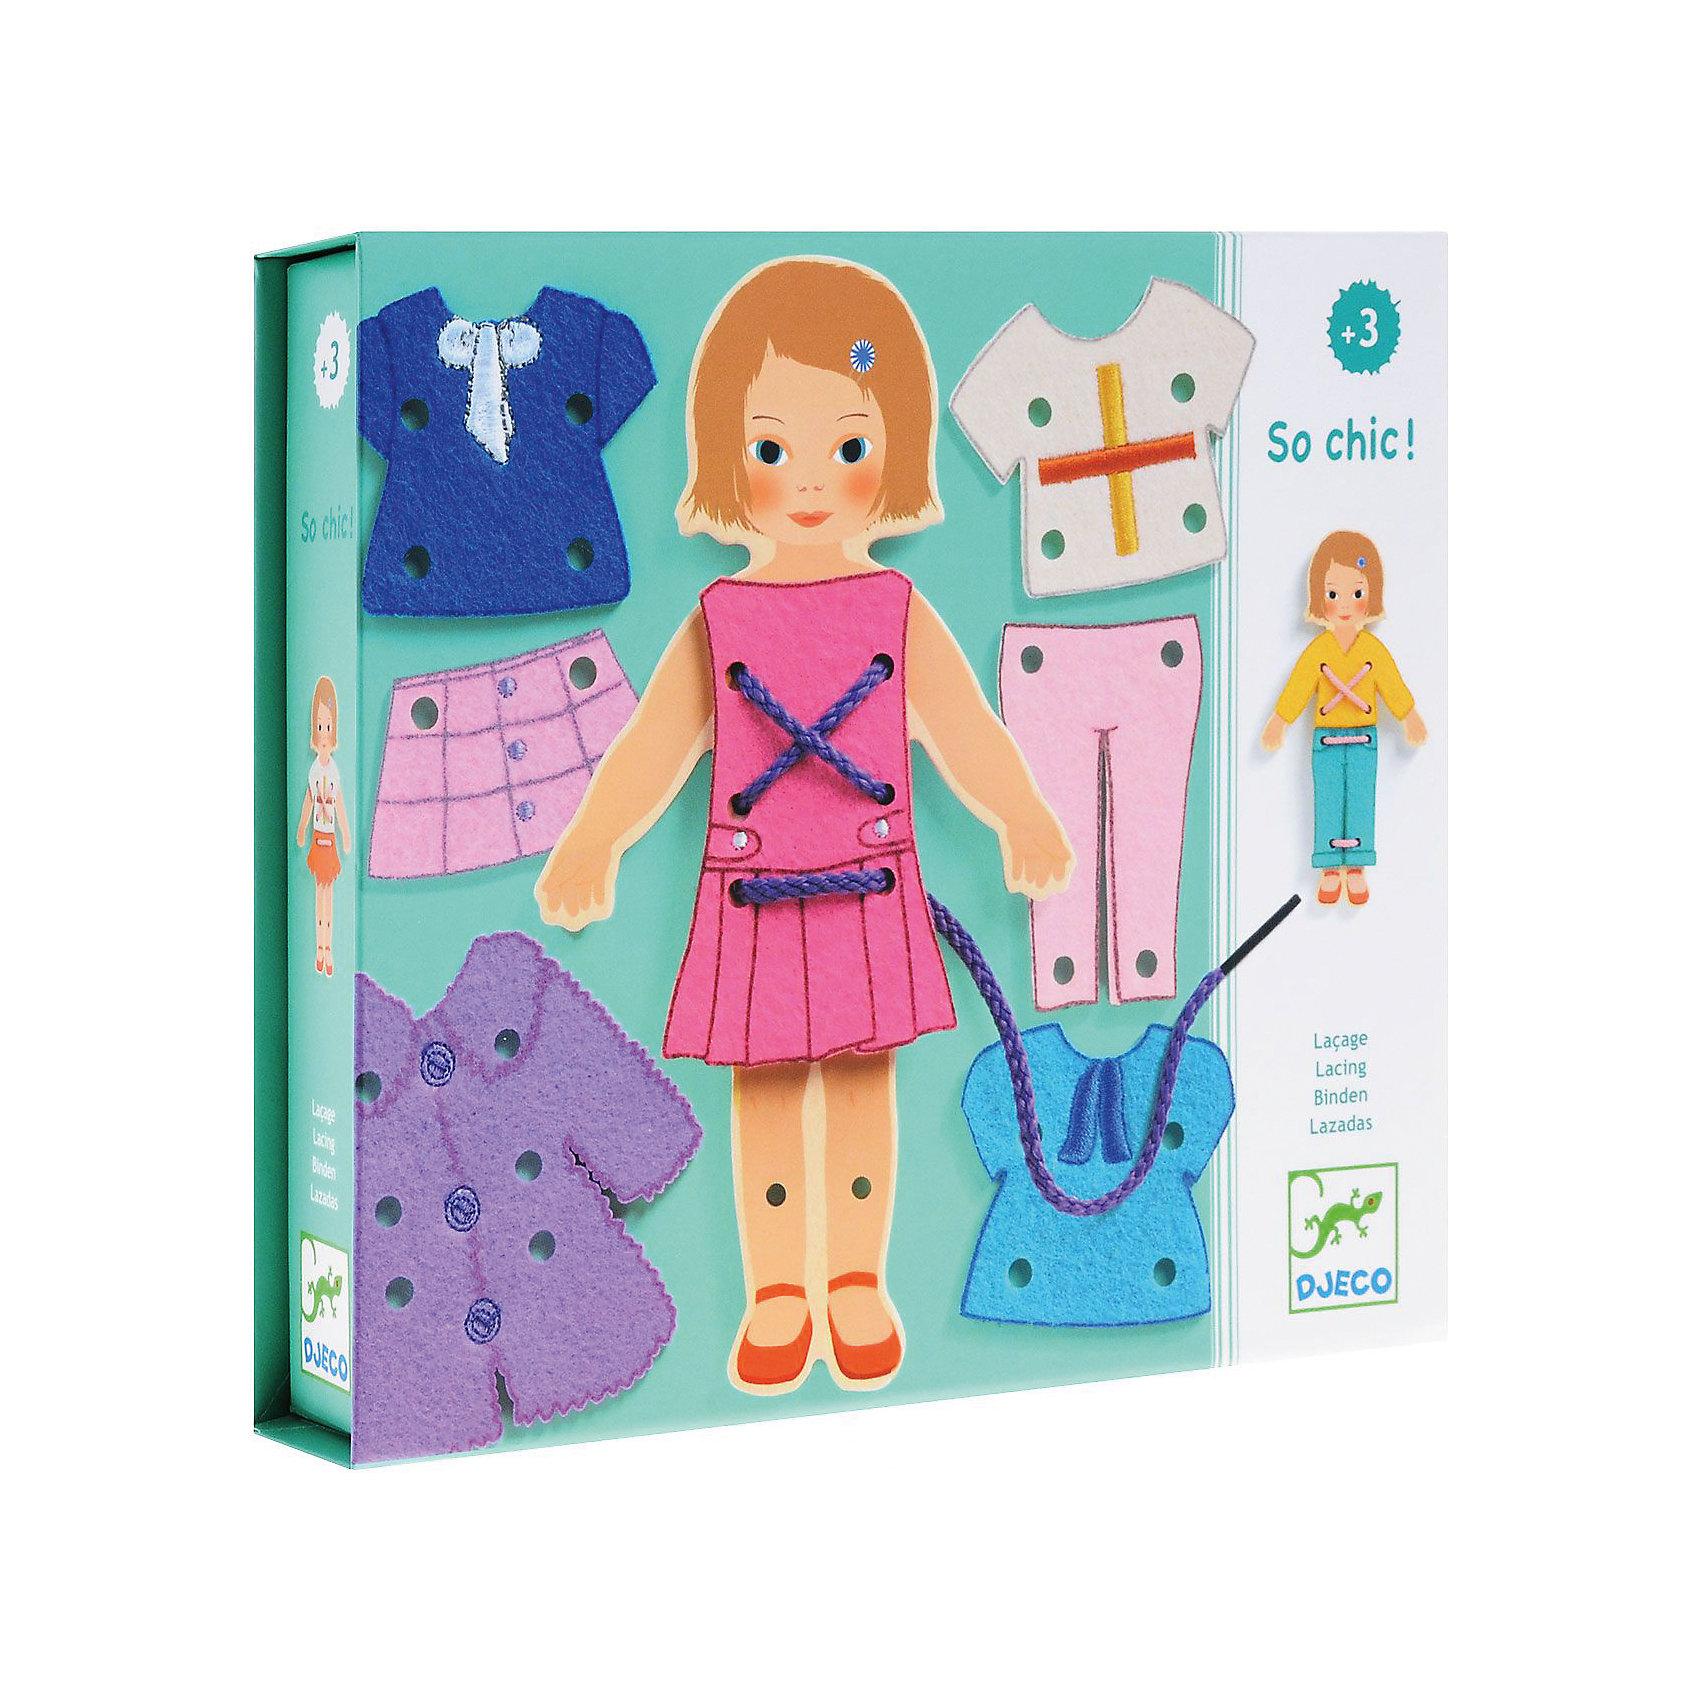 Настольная игра Какой стиль!, DJECOРазвивающие игры<br>Настольная игра Какой стиль!, Djeco (Джеко) - новый вариант любимых многими девочками игр с одеванием куклы. В комплекте Вы найдете очаровательную картонную куколку и различные предметы одежды к ней. Девочке предлагается придумать для куколки новые наряды на все случаи жизни. Одежда прикрепляется к фигурке с помощью шнурка, который нужно продевать в имеющиеся отверстия. Все детали изготовлены из высококачественных материалов и покрыты безопасными красками. Игра развивает творческое воображение и фантазию, тренирует мелкую моторику.<br><br>Дополнительная информация:<br><br>- Материал: картон, текстиль<br>- Размер упаковки: 21,8 x 18,5 x 4 см.<br><br><br>Настольную игру Какой стиль!, Djeco (Джеко), можно купить в нашем интернет-магазине.<br><br>Ширина мм: 40<br>Глубина мм: 280<br>Высота мм: 10<br>Вес г: 380<br>Возраст от месяцев: 36<br>Возраст до месяцев: 84<br>Пол: Женский<br>Возраст: Детский<br>SKU: 4215011